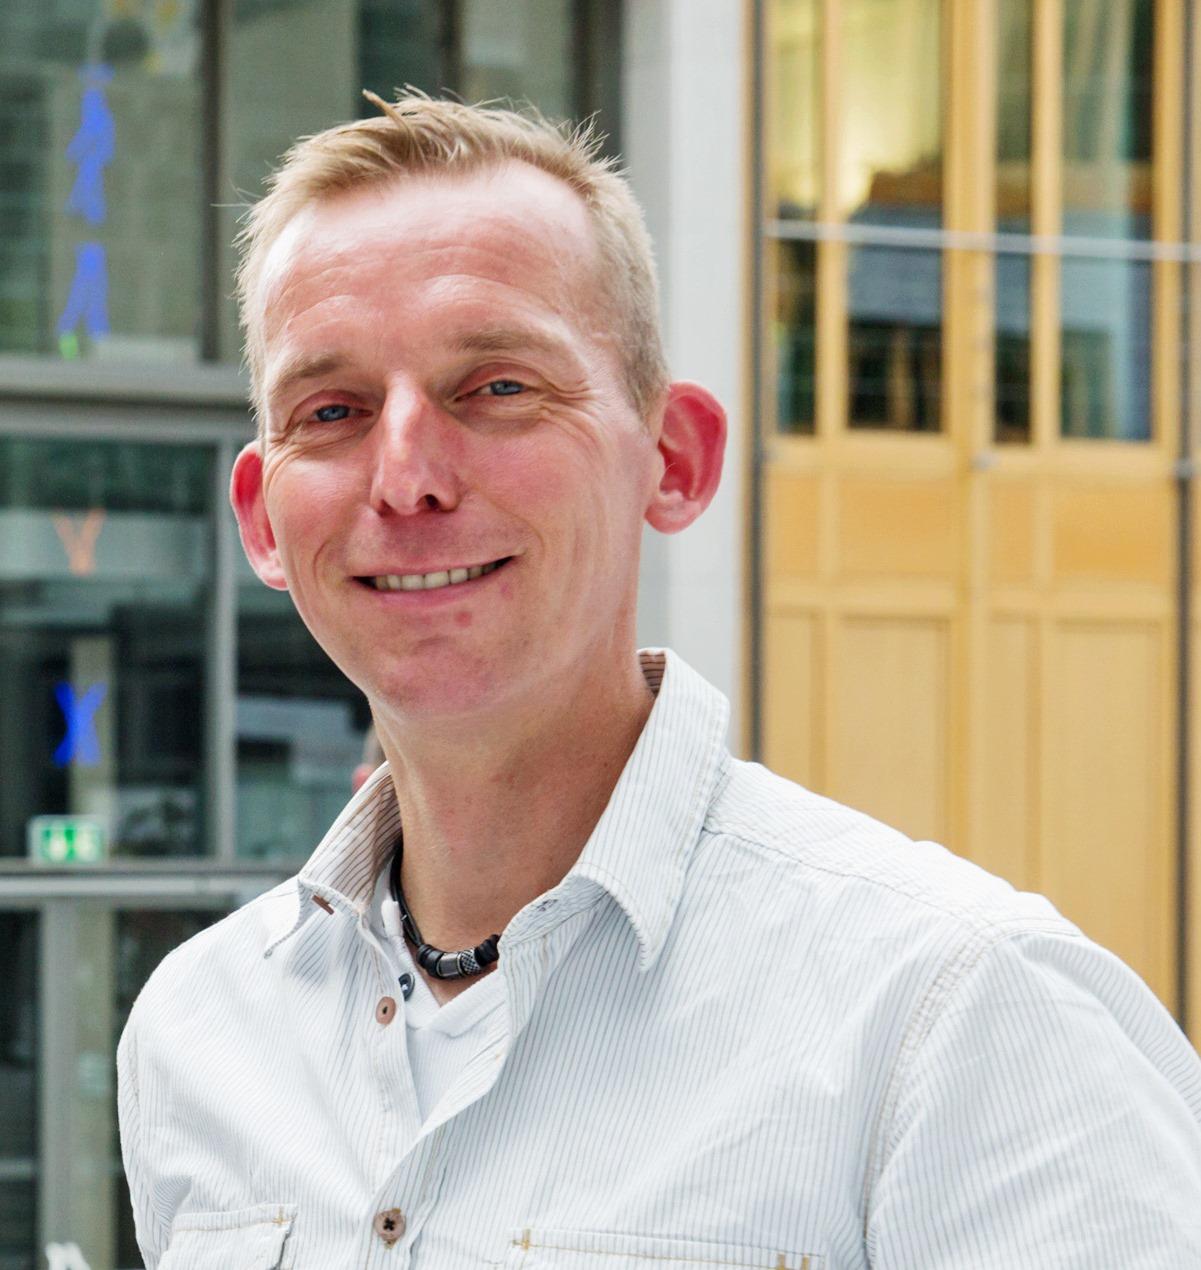 Markus Wierzchula, Städtisches Gymnasium Meschede, NRW